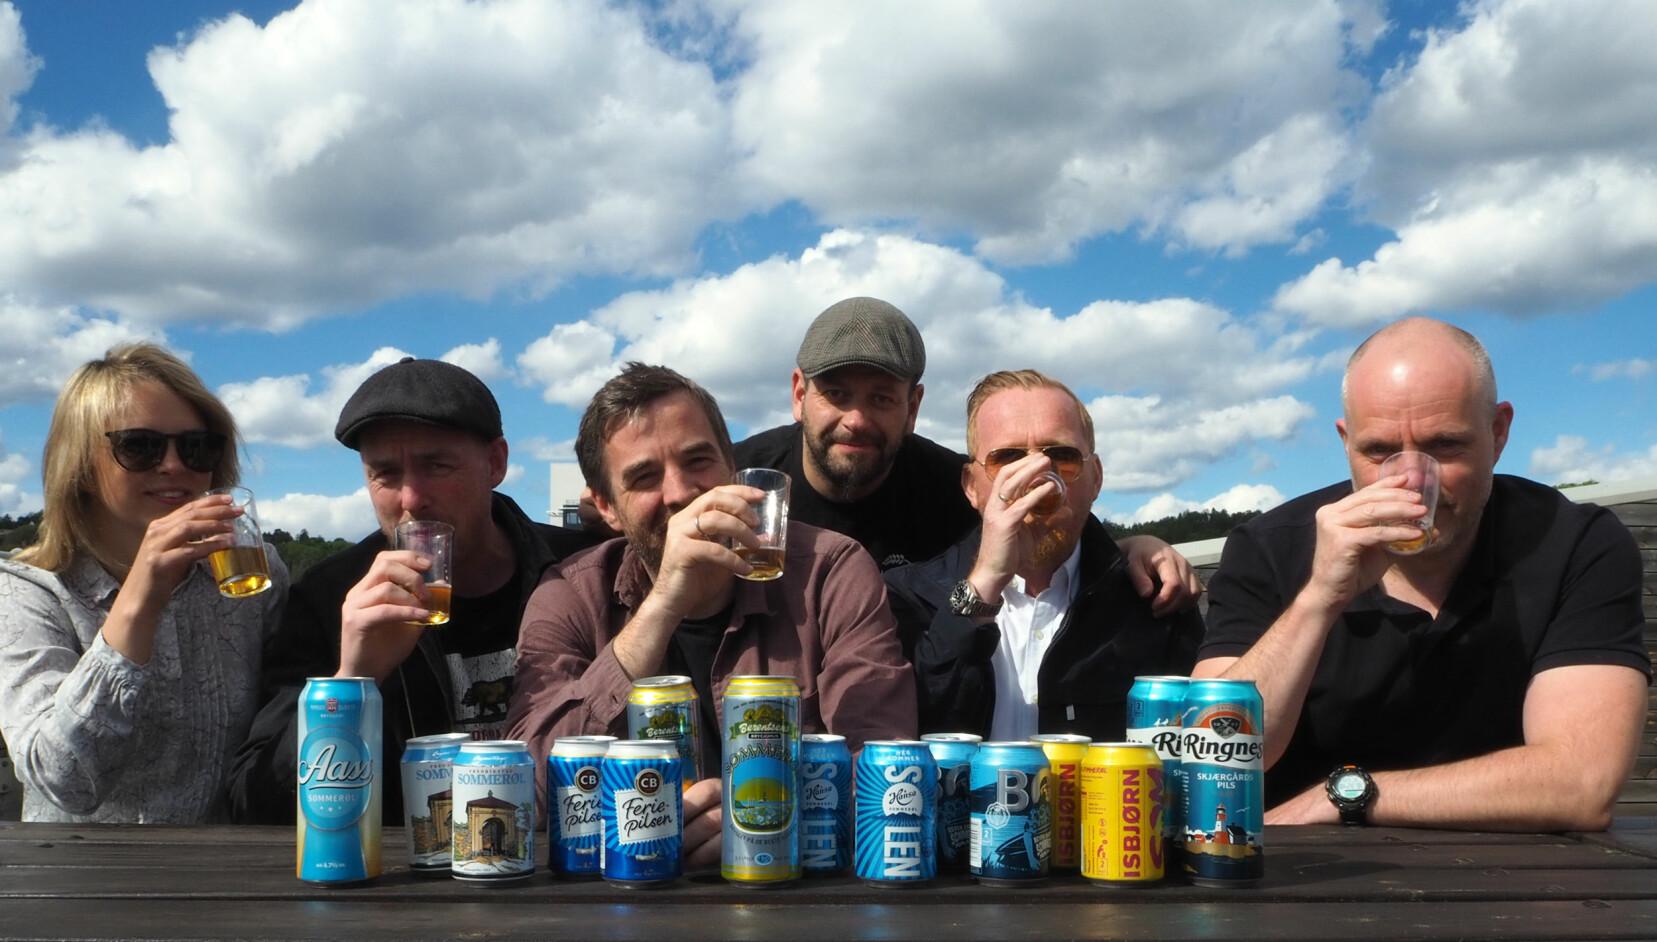 """<b>FØRSTE RUNDE:</b> Testpanelet drakk seg til slutt gjennom 55 øl i klassene vanlige sommerpils, syrlige øl, pale og åpen klasse. Fra Høyre: Martine, Aleksander, Mats, Lasse, Alex og Martin. """"Adrian"""" ville gjerne være anonym, mens Peter var fotograf."""